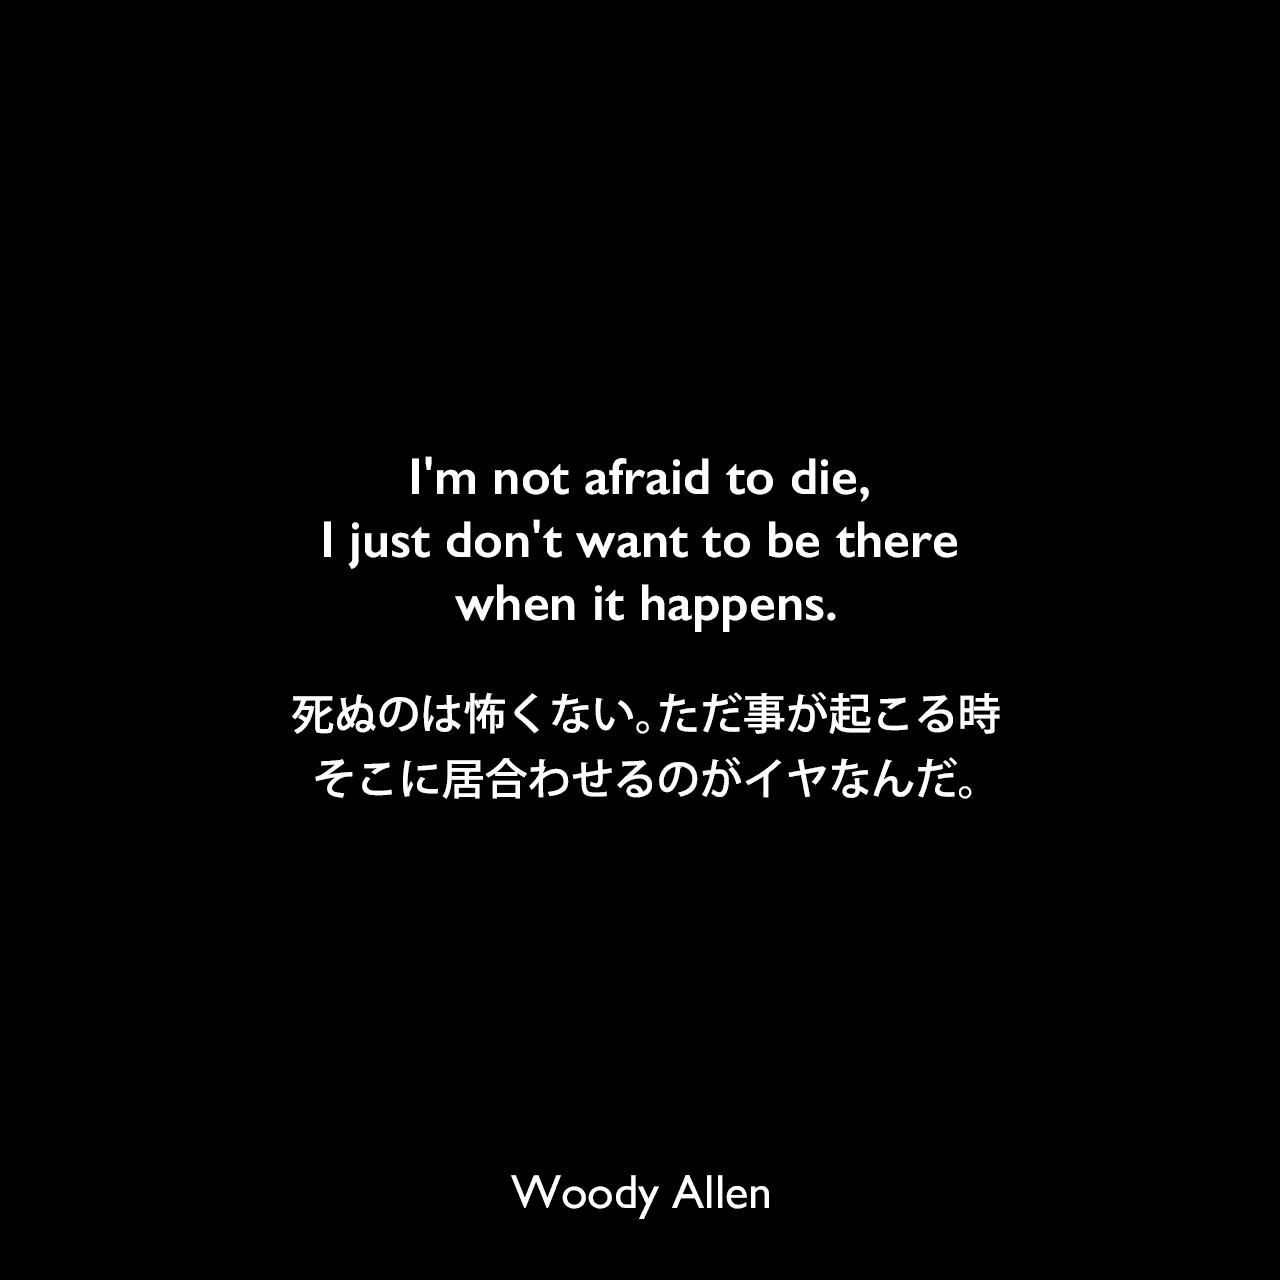 I'm not afraid to die, I just don't want to be there when it happens.死ぬのは怖くない。ただ事が起こる時、そこに居合わせるのがイヤなんだ。Woody Allen